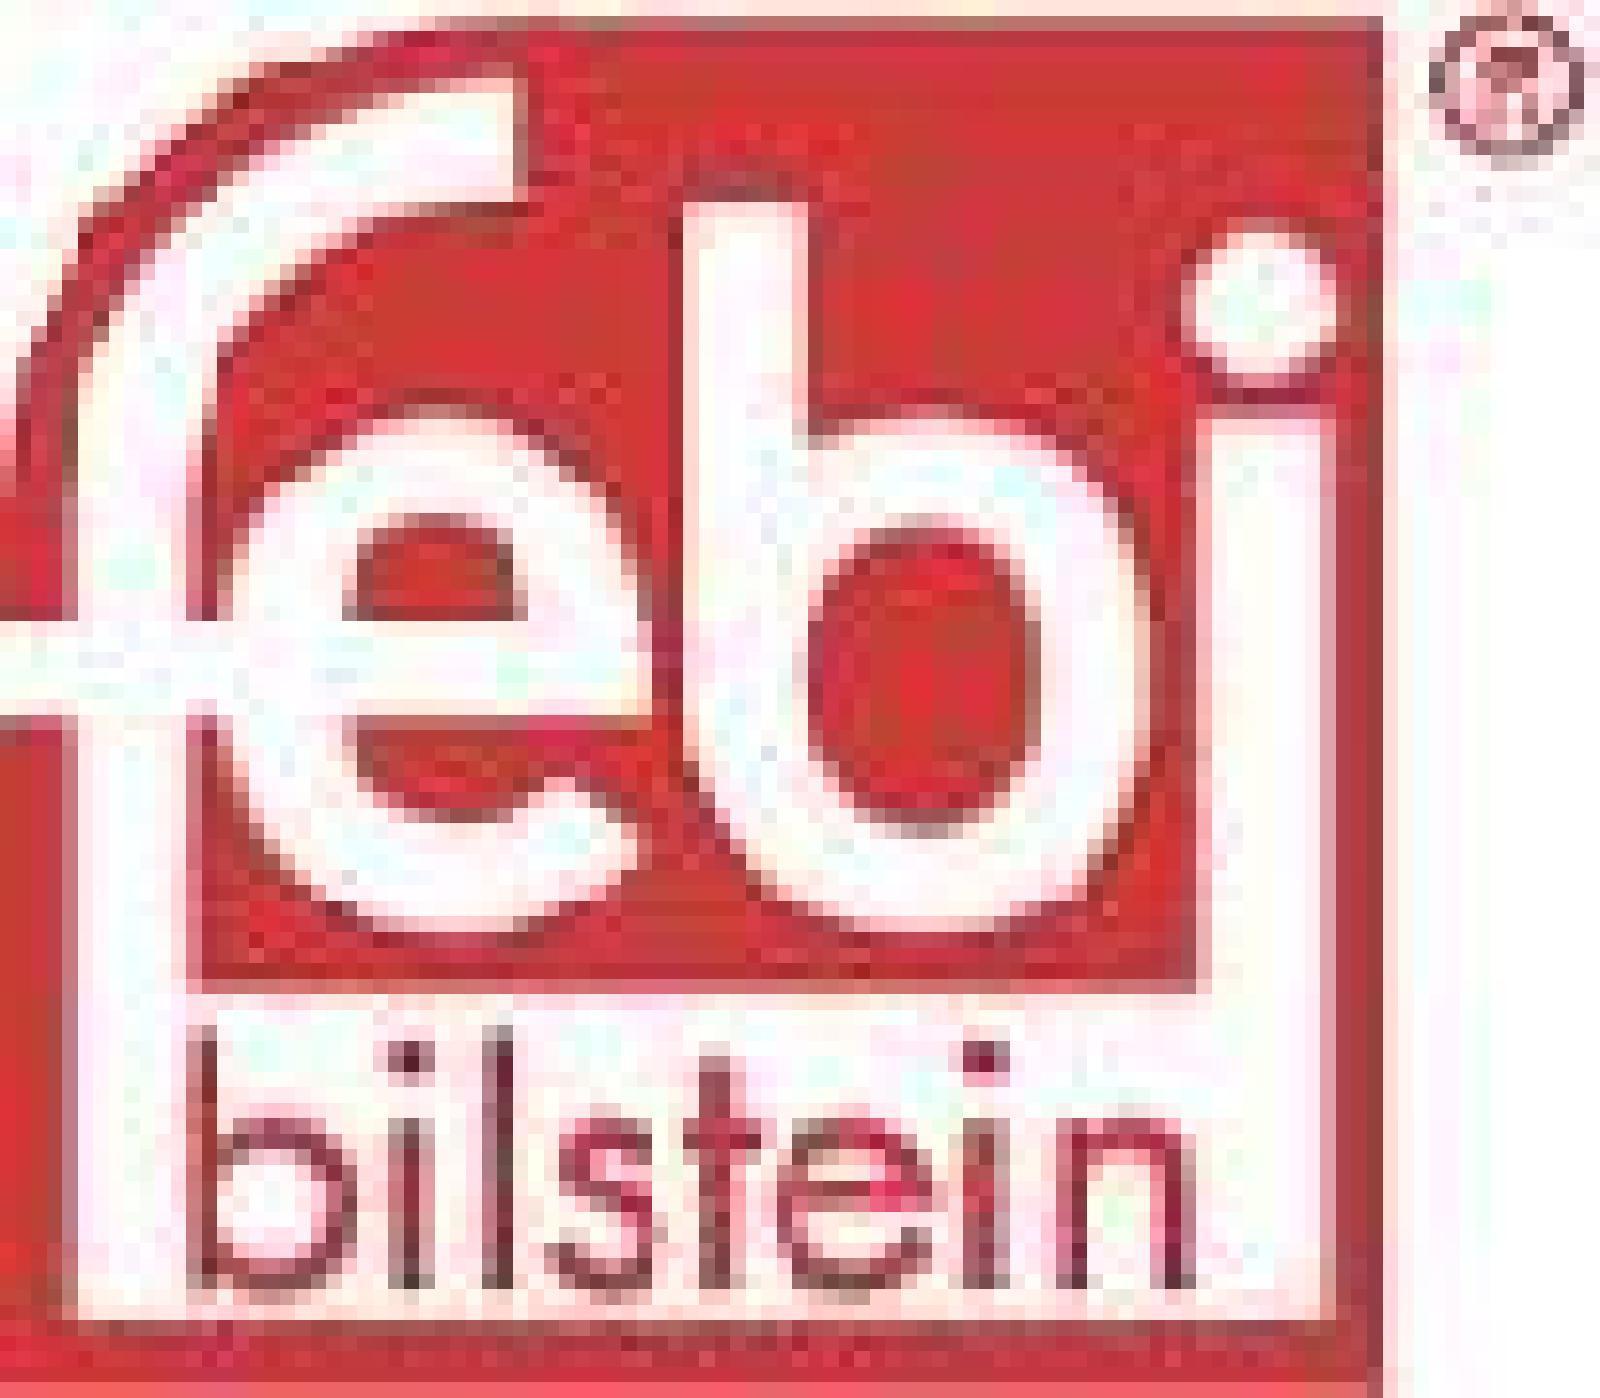 FEBI-BILSTEIN-RADLAGER-SATZ-RADLAGERSATZ-47317 Indexbild 2